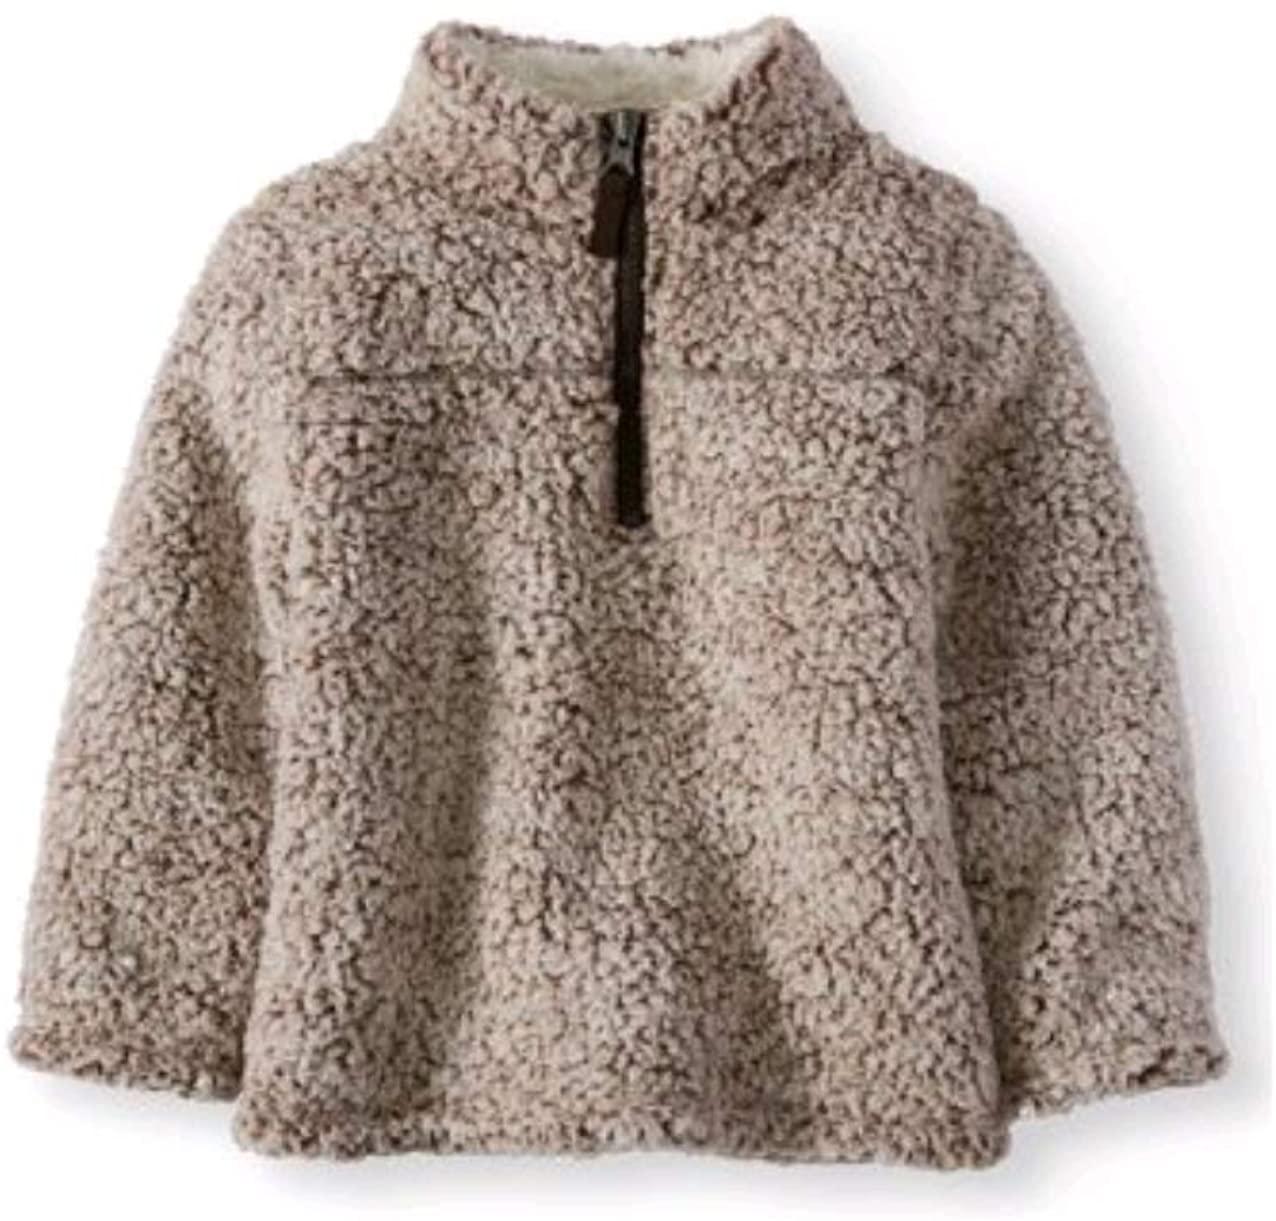 Wonder Nation Baby Boys Quarter Zip Super Soft Sherpa Pullover (4T, Warm Fudge)